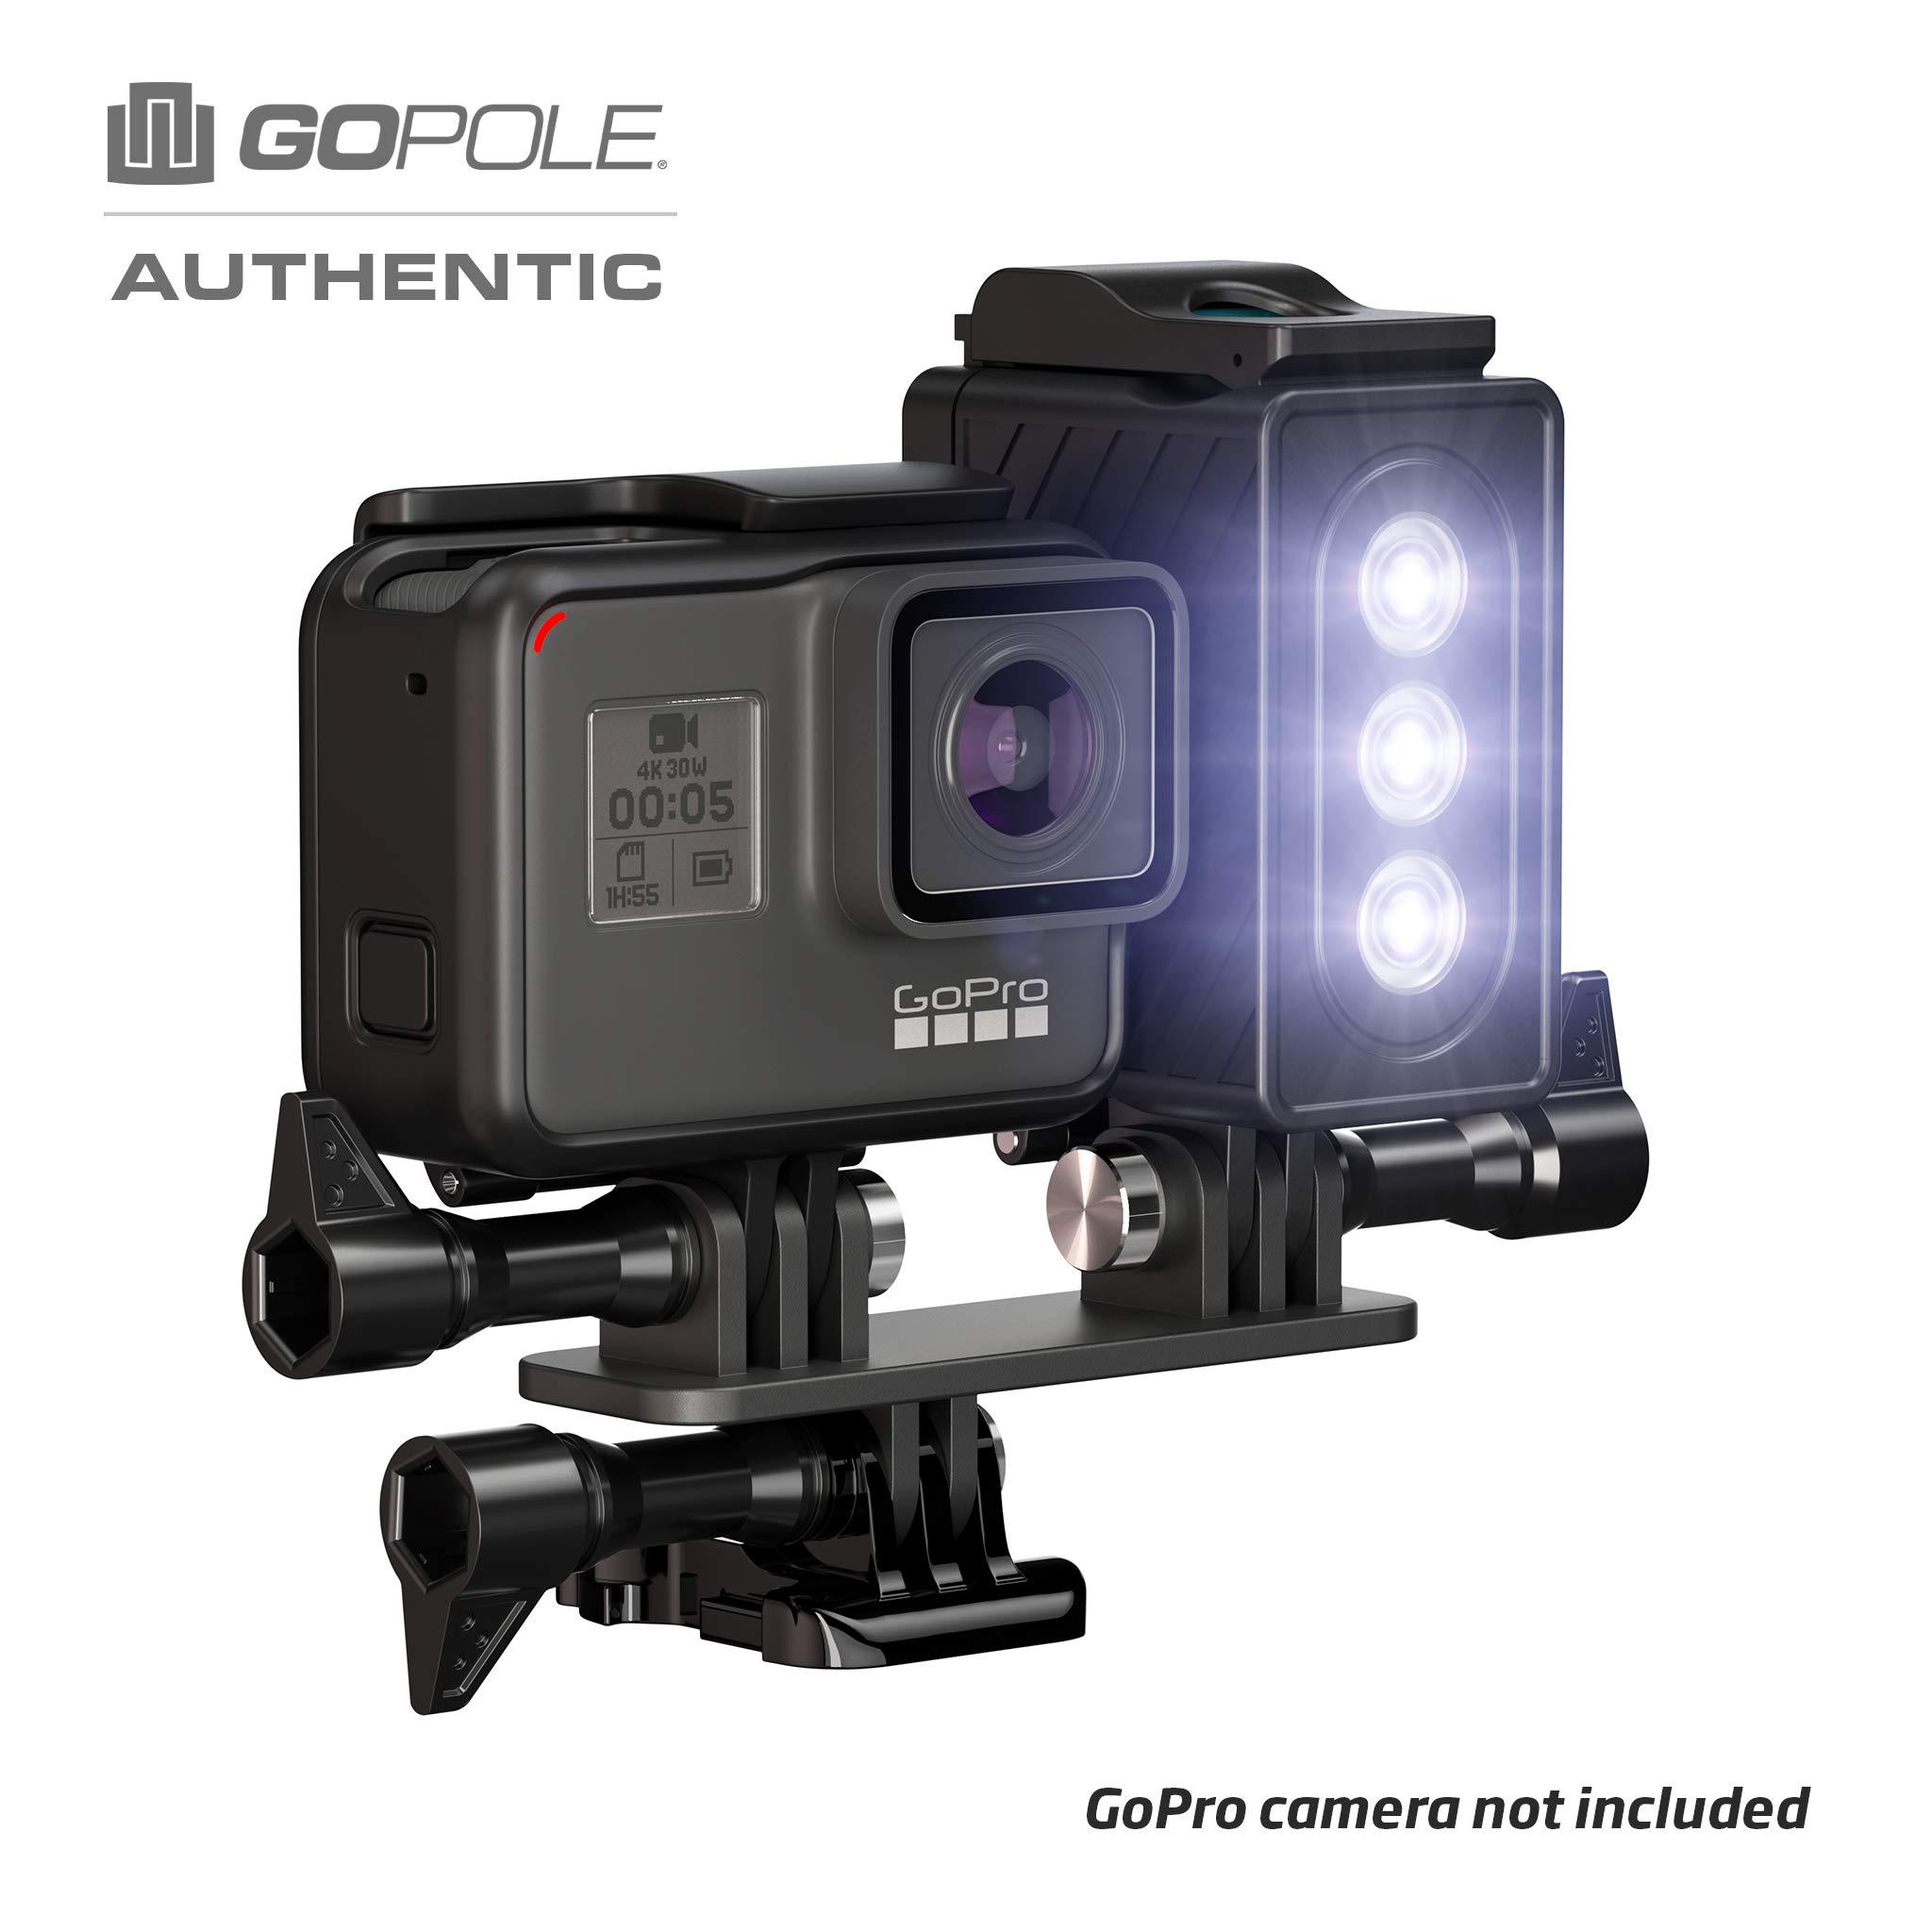 GOPOLE Flare - Waterproof LED Light by GOPOLE